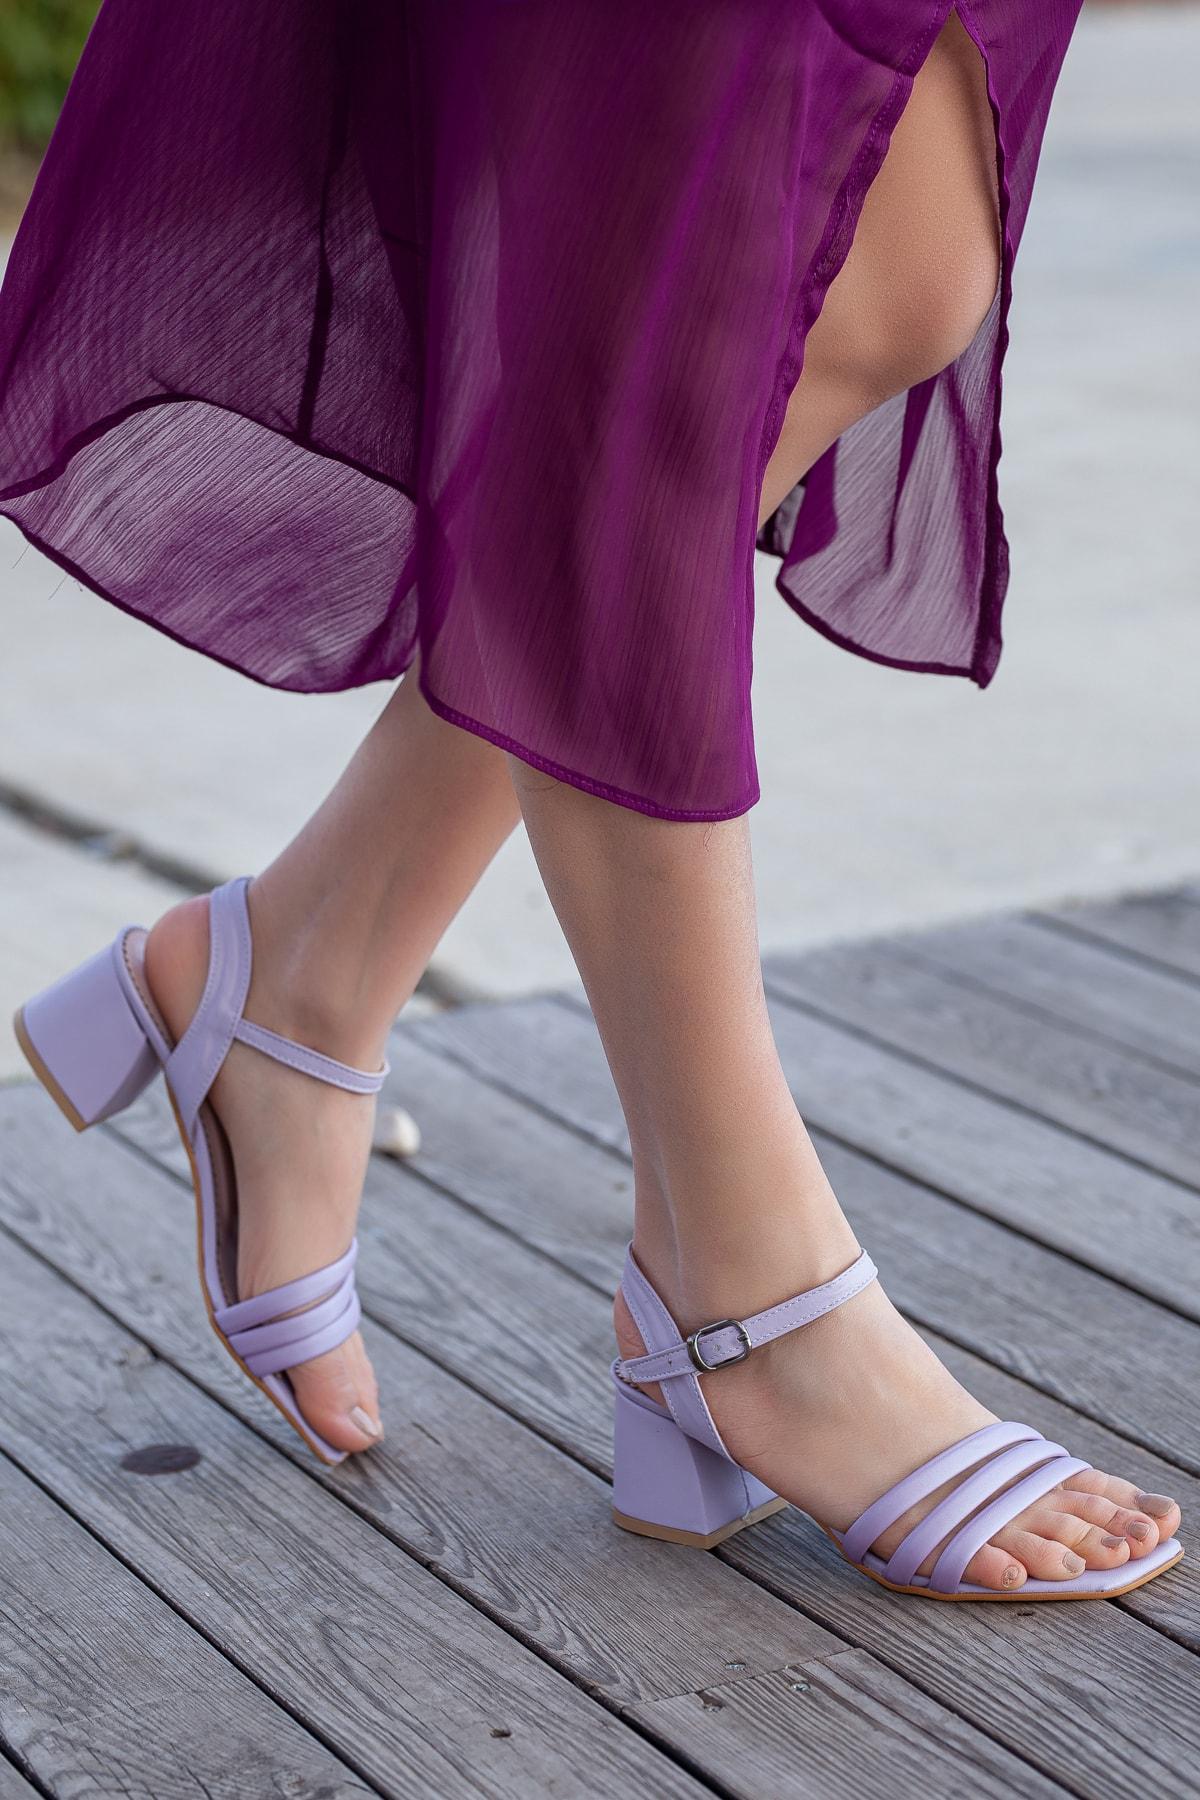 Daxtors Kadın Lila Klasik Topuklu Ayakkabı D2180 2